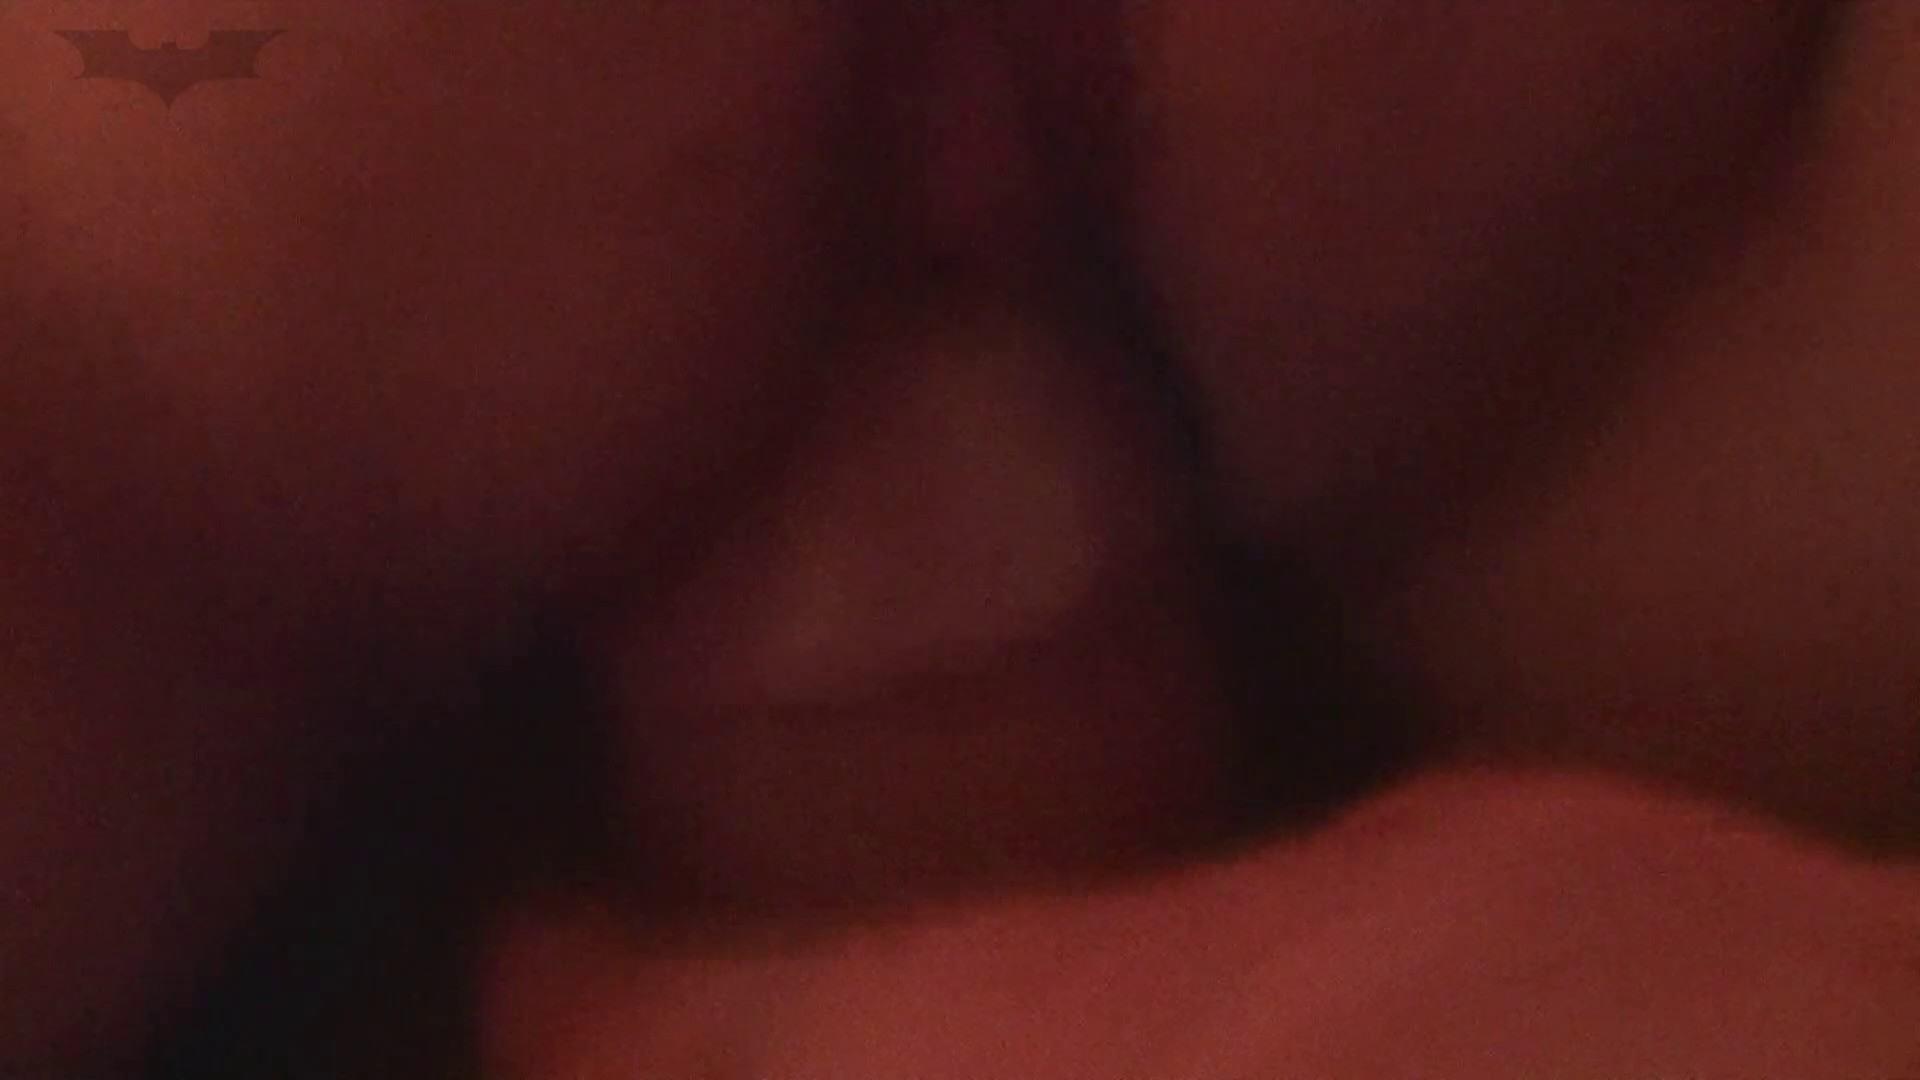 2日間期間限定闇の花道Vol.11影対姪っ子絶対ダメな調教関係Vol.05 いじくり われめAV動画紹介 106枚 21